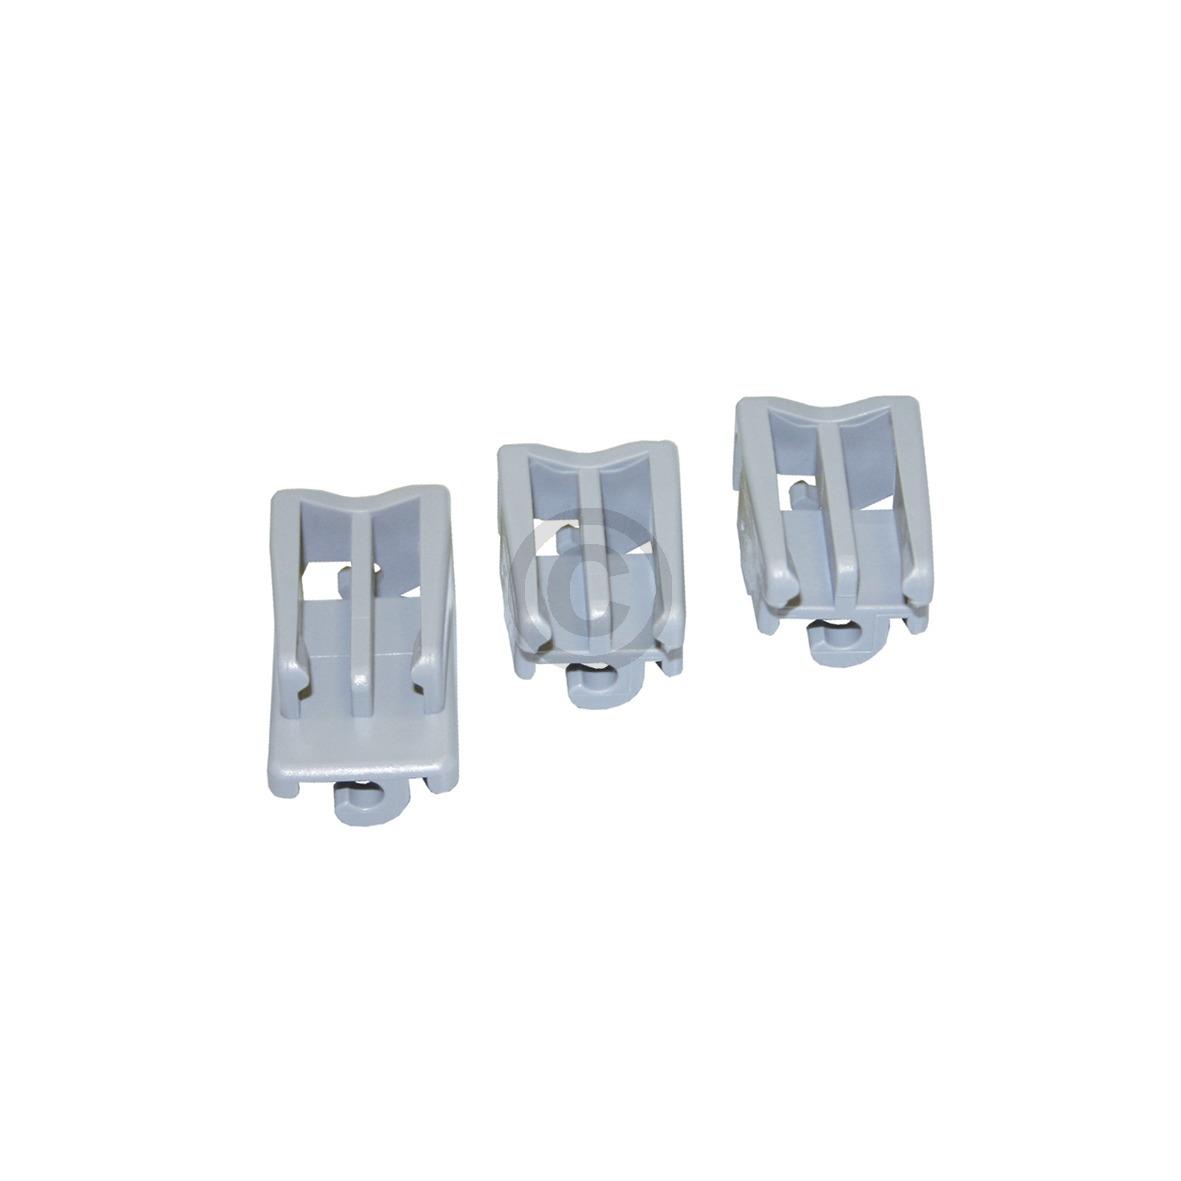 Korbablagen-Lagerset für Oberkorb, 3 Stück 00418674 418674 Bosch, Siemens, Neff